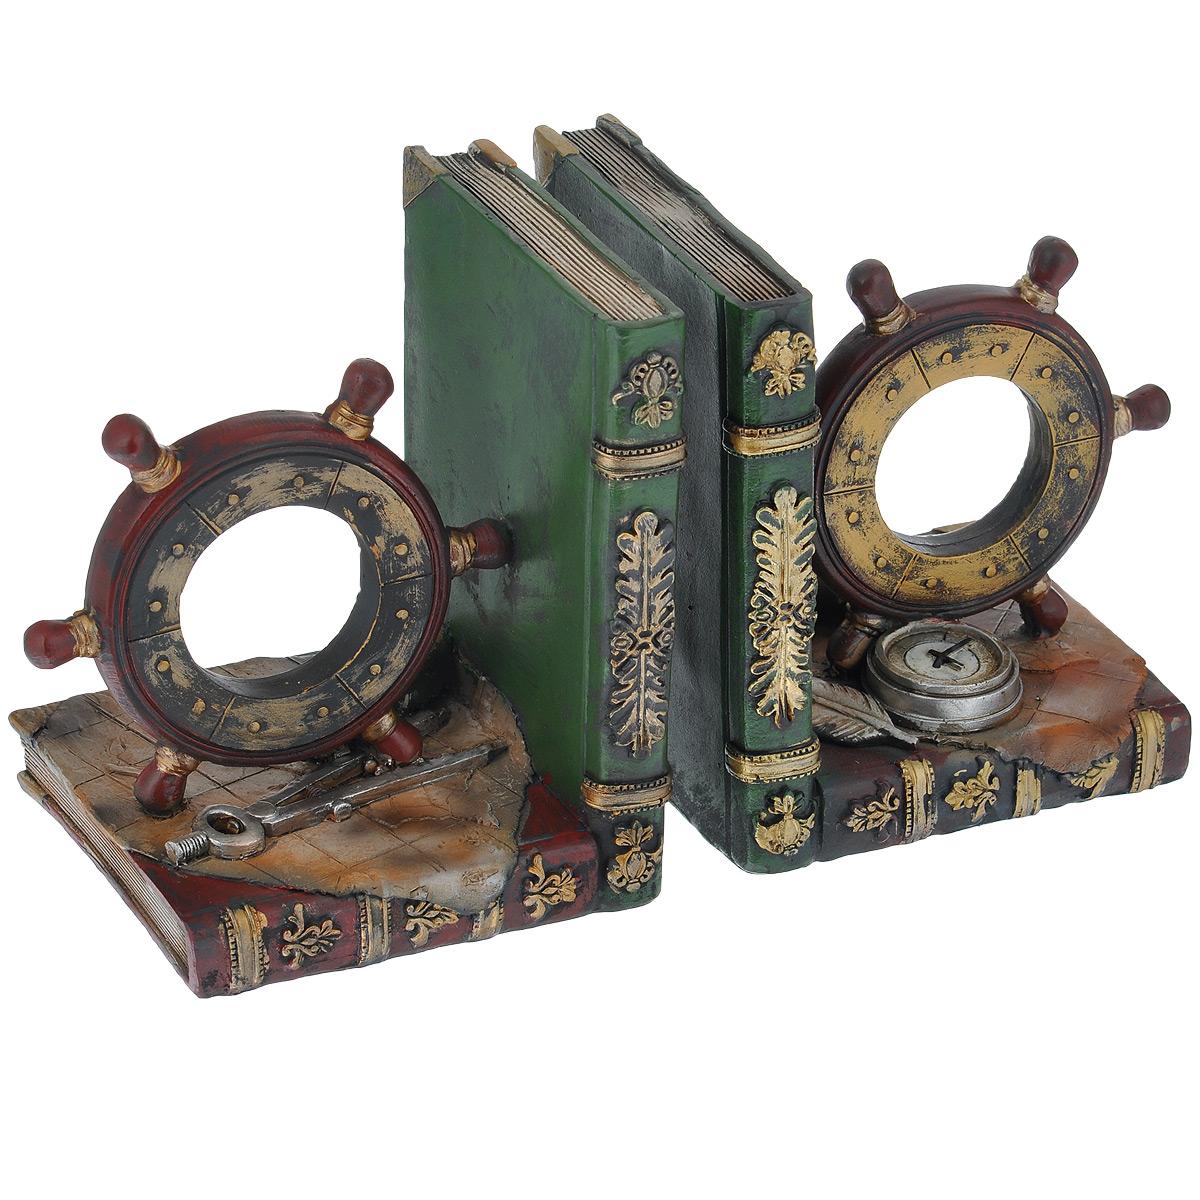 Декоративная подставка-ограничитель для книг Феникс-презент Штурвал, 2 шт подставка ограничитель для книг купола